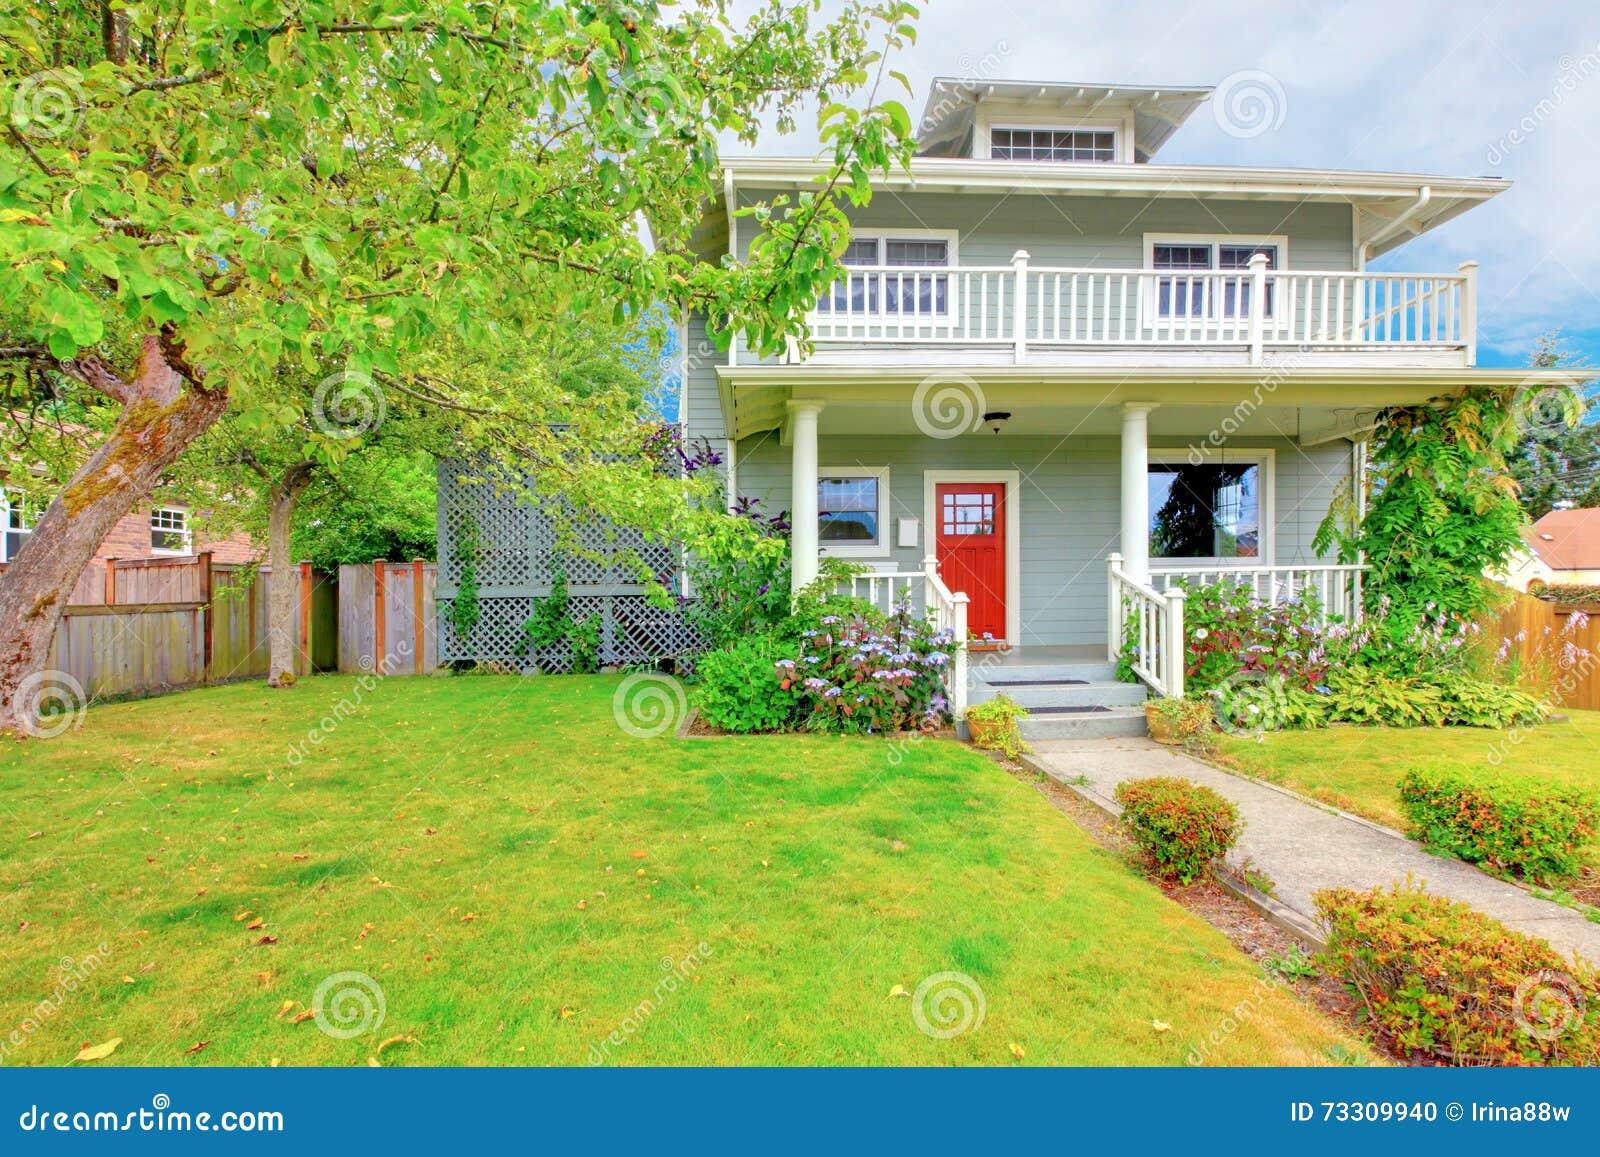 Casa de dois níveis verde americana exterior com guarnição branca e a porta de entrada vermelha